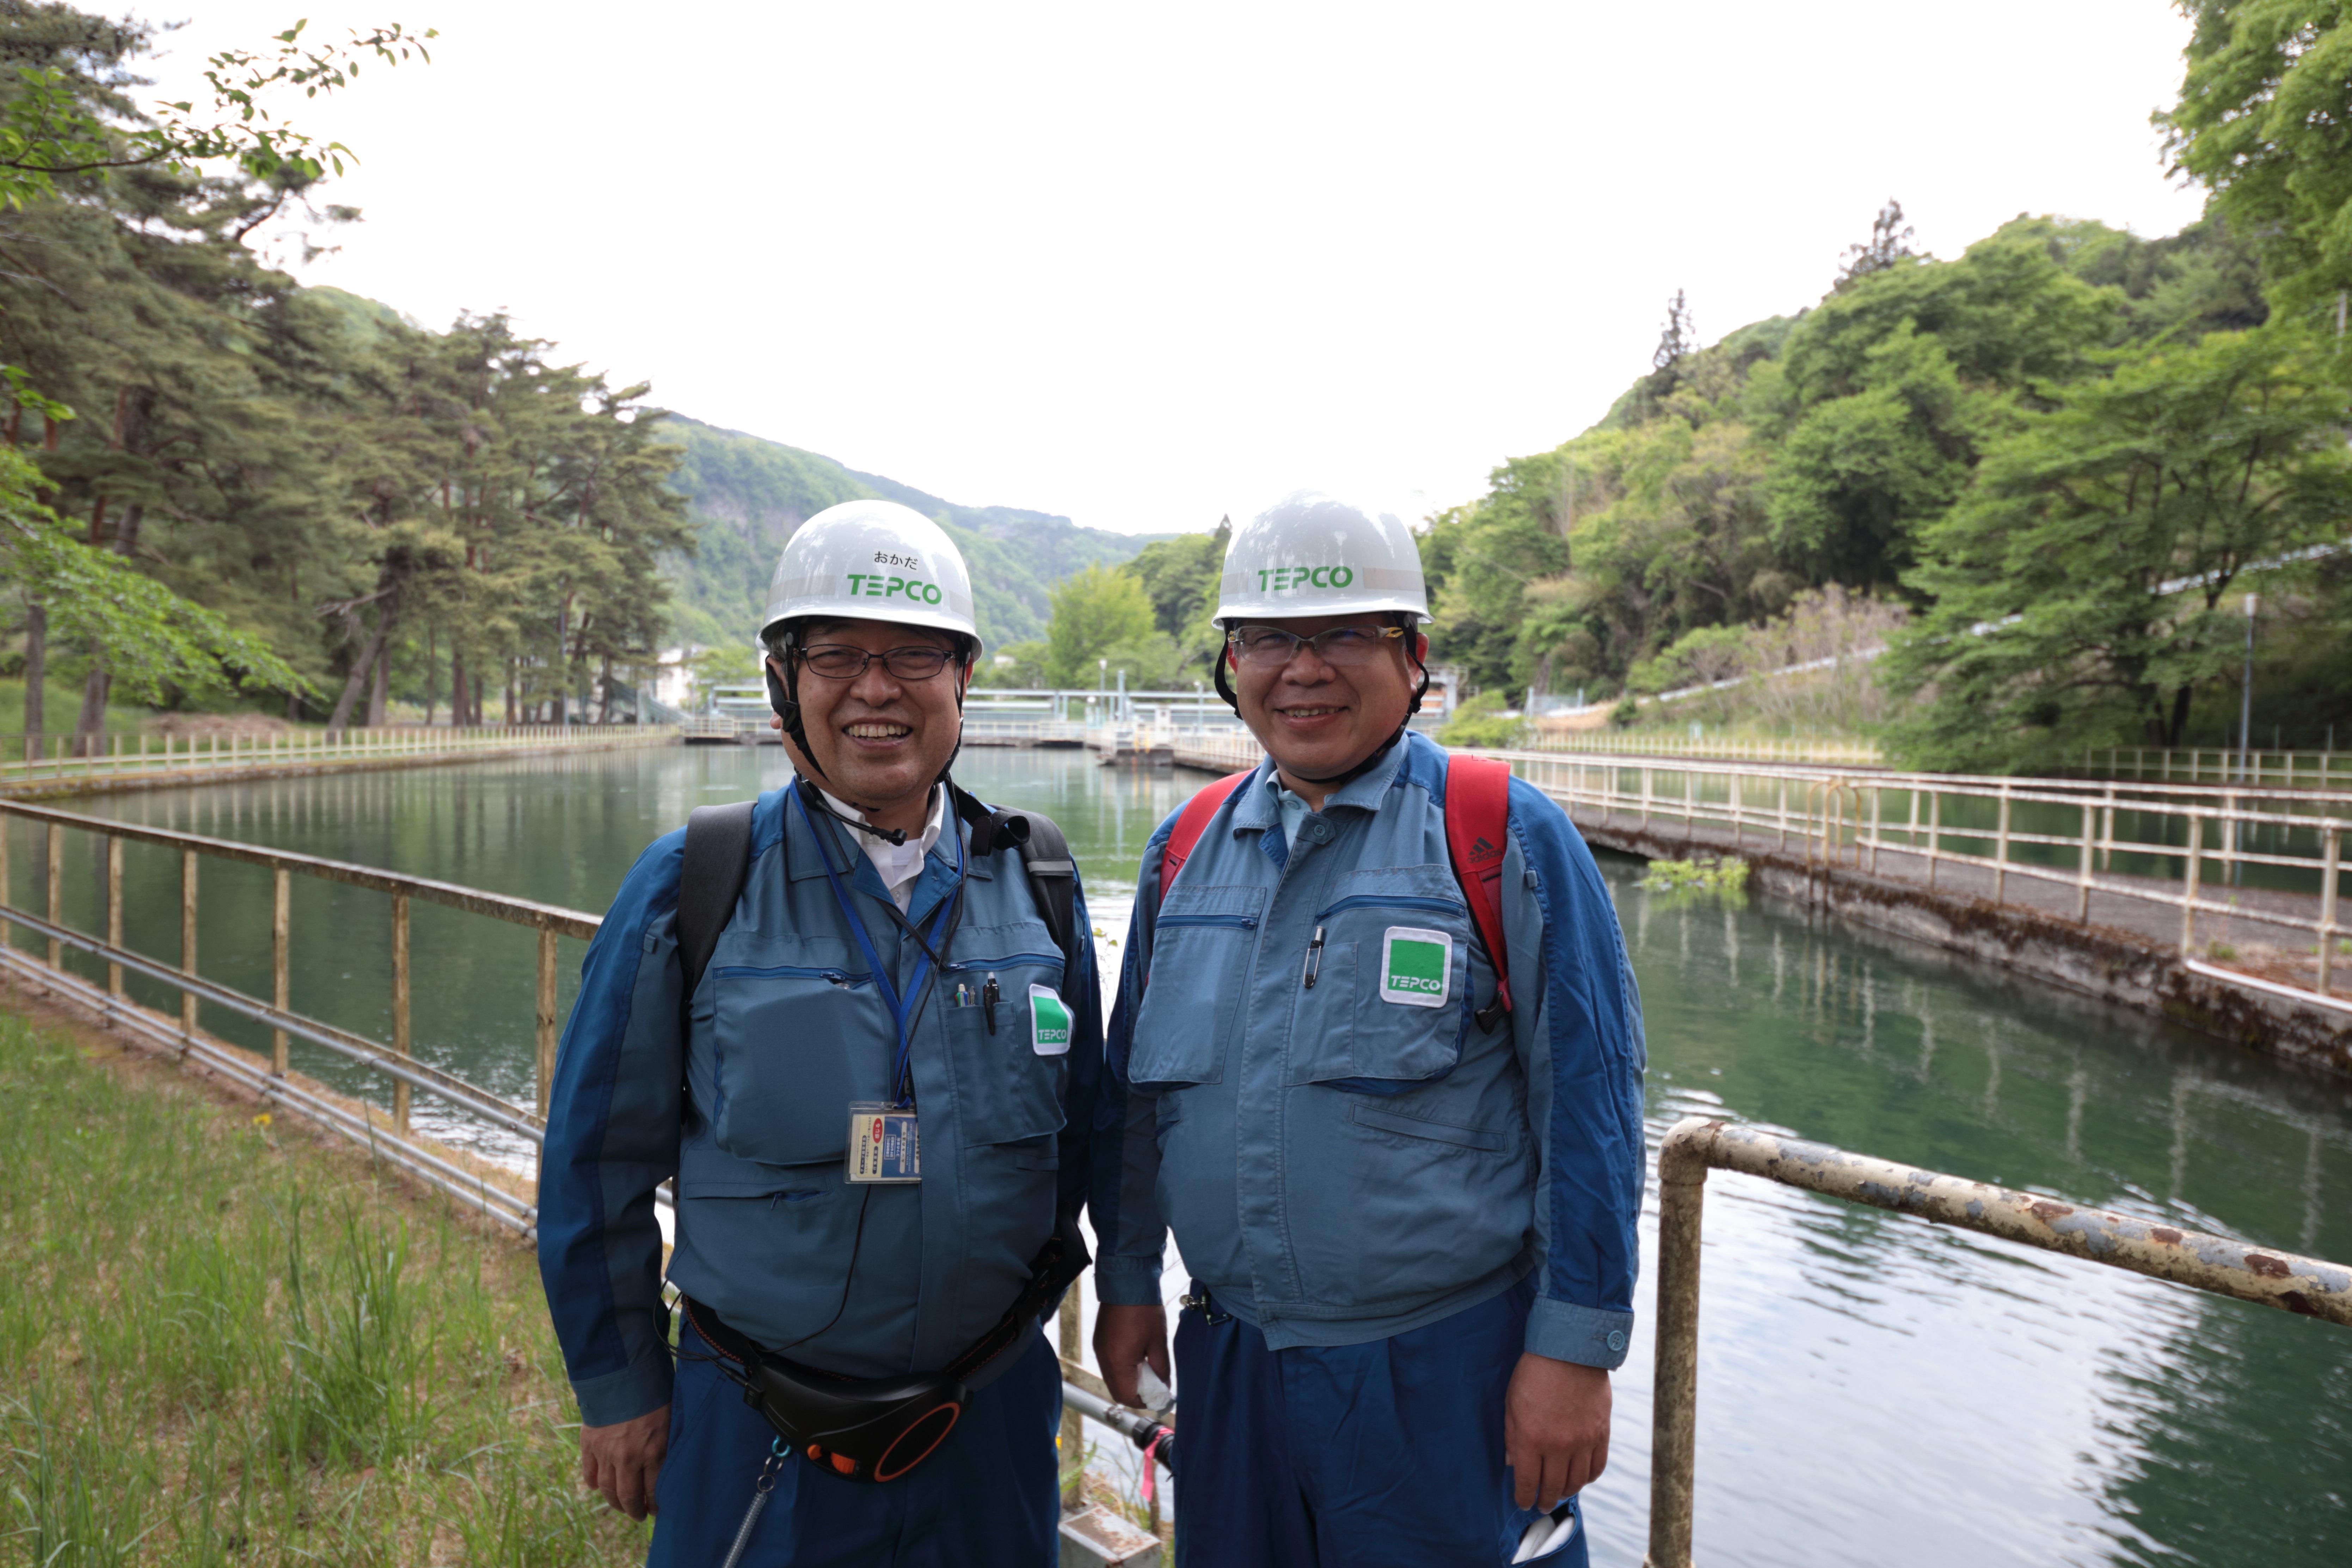 東京電力リニューアブルパワーの矢内弘人さんと岡田将志さん